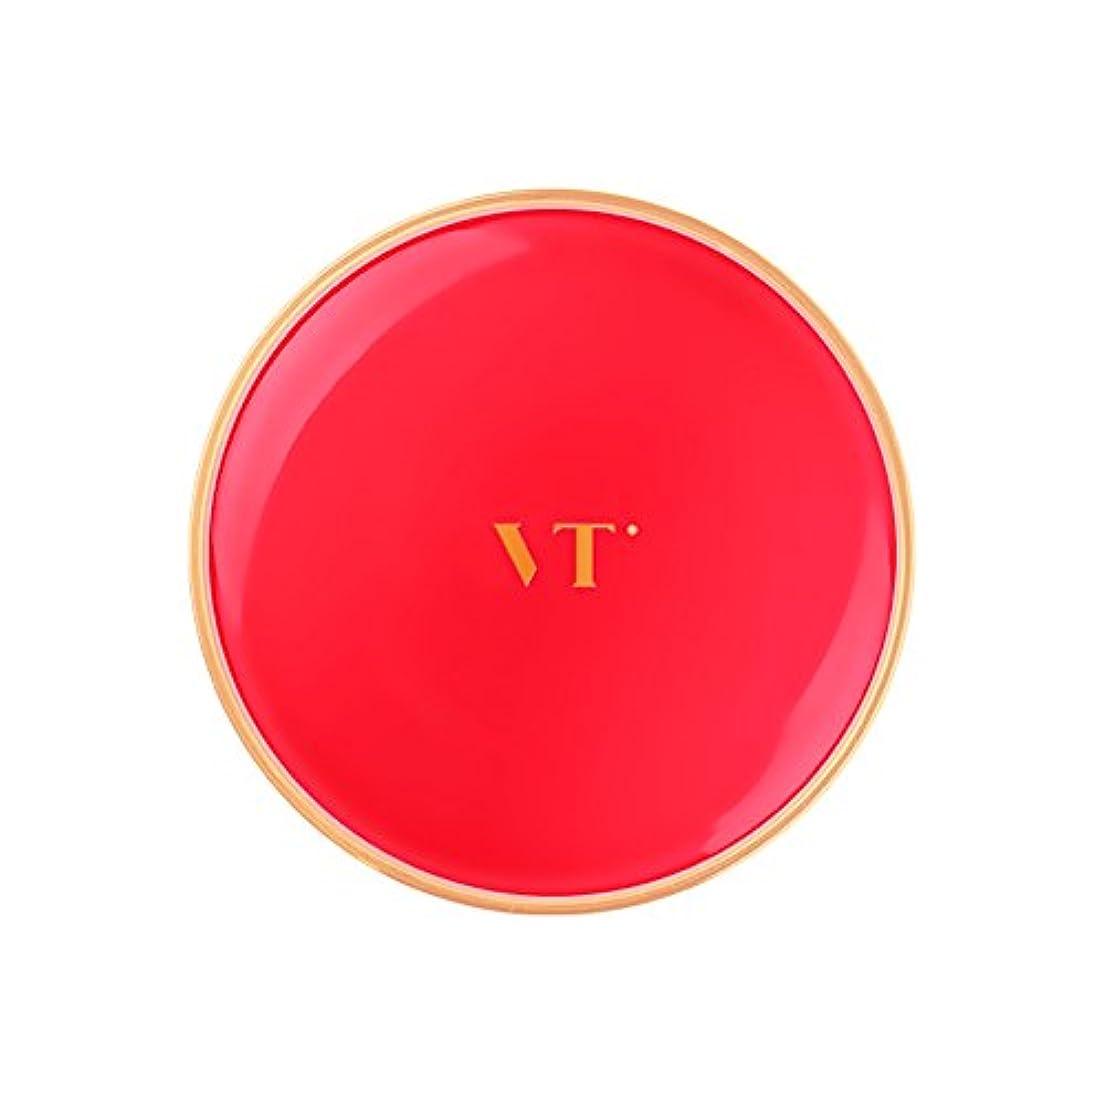 VT Berry Collagen Pact 11g (#21)/ブイティー ベリー コラーゲン パクト 11g (#21) [並行輸入品]